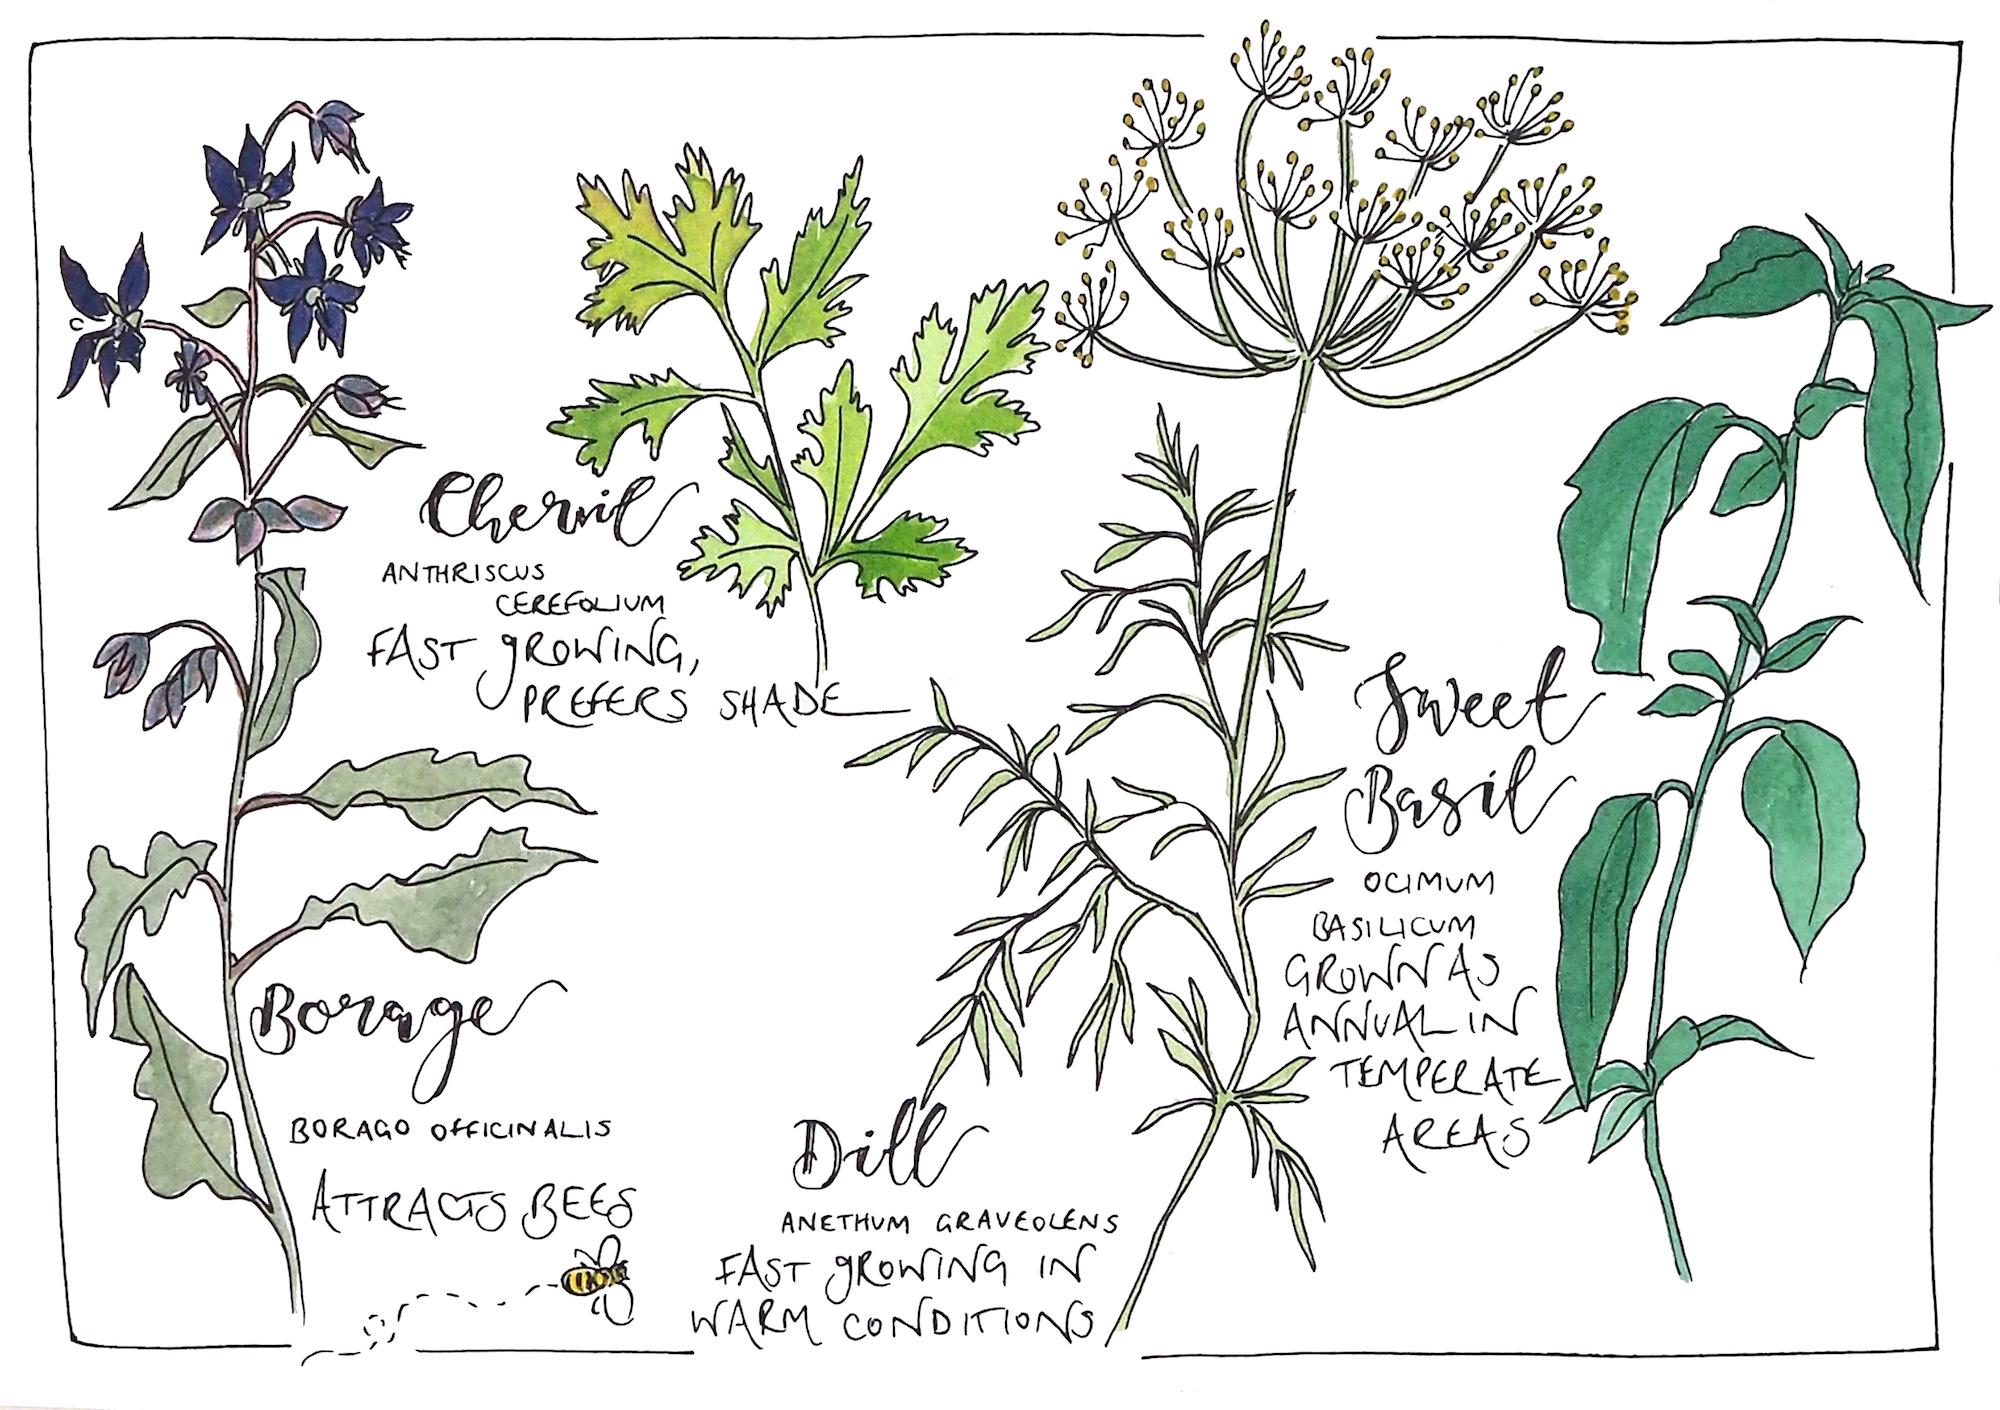 TEST Herb doodle.jpg